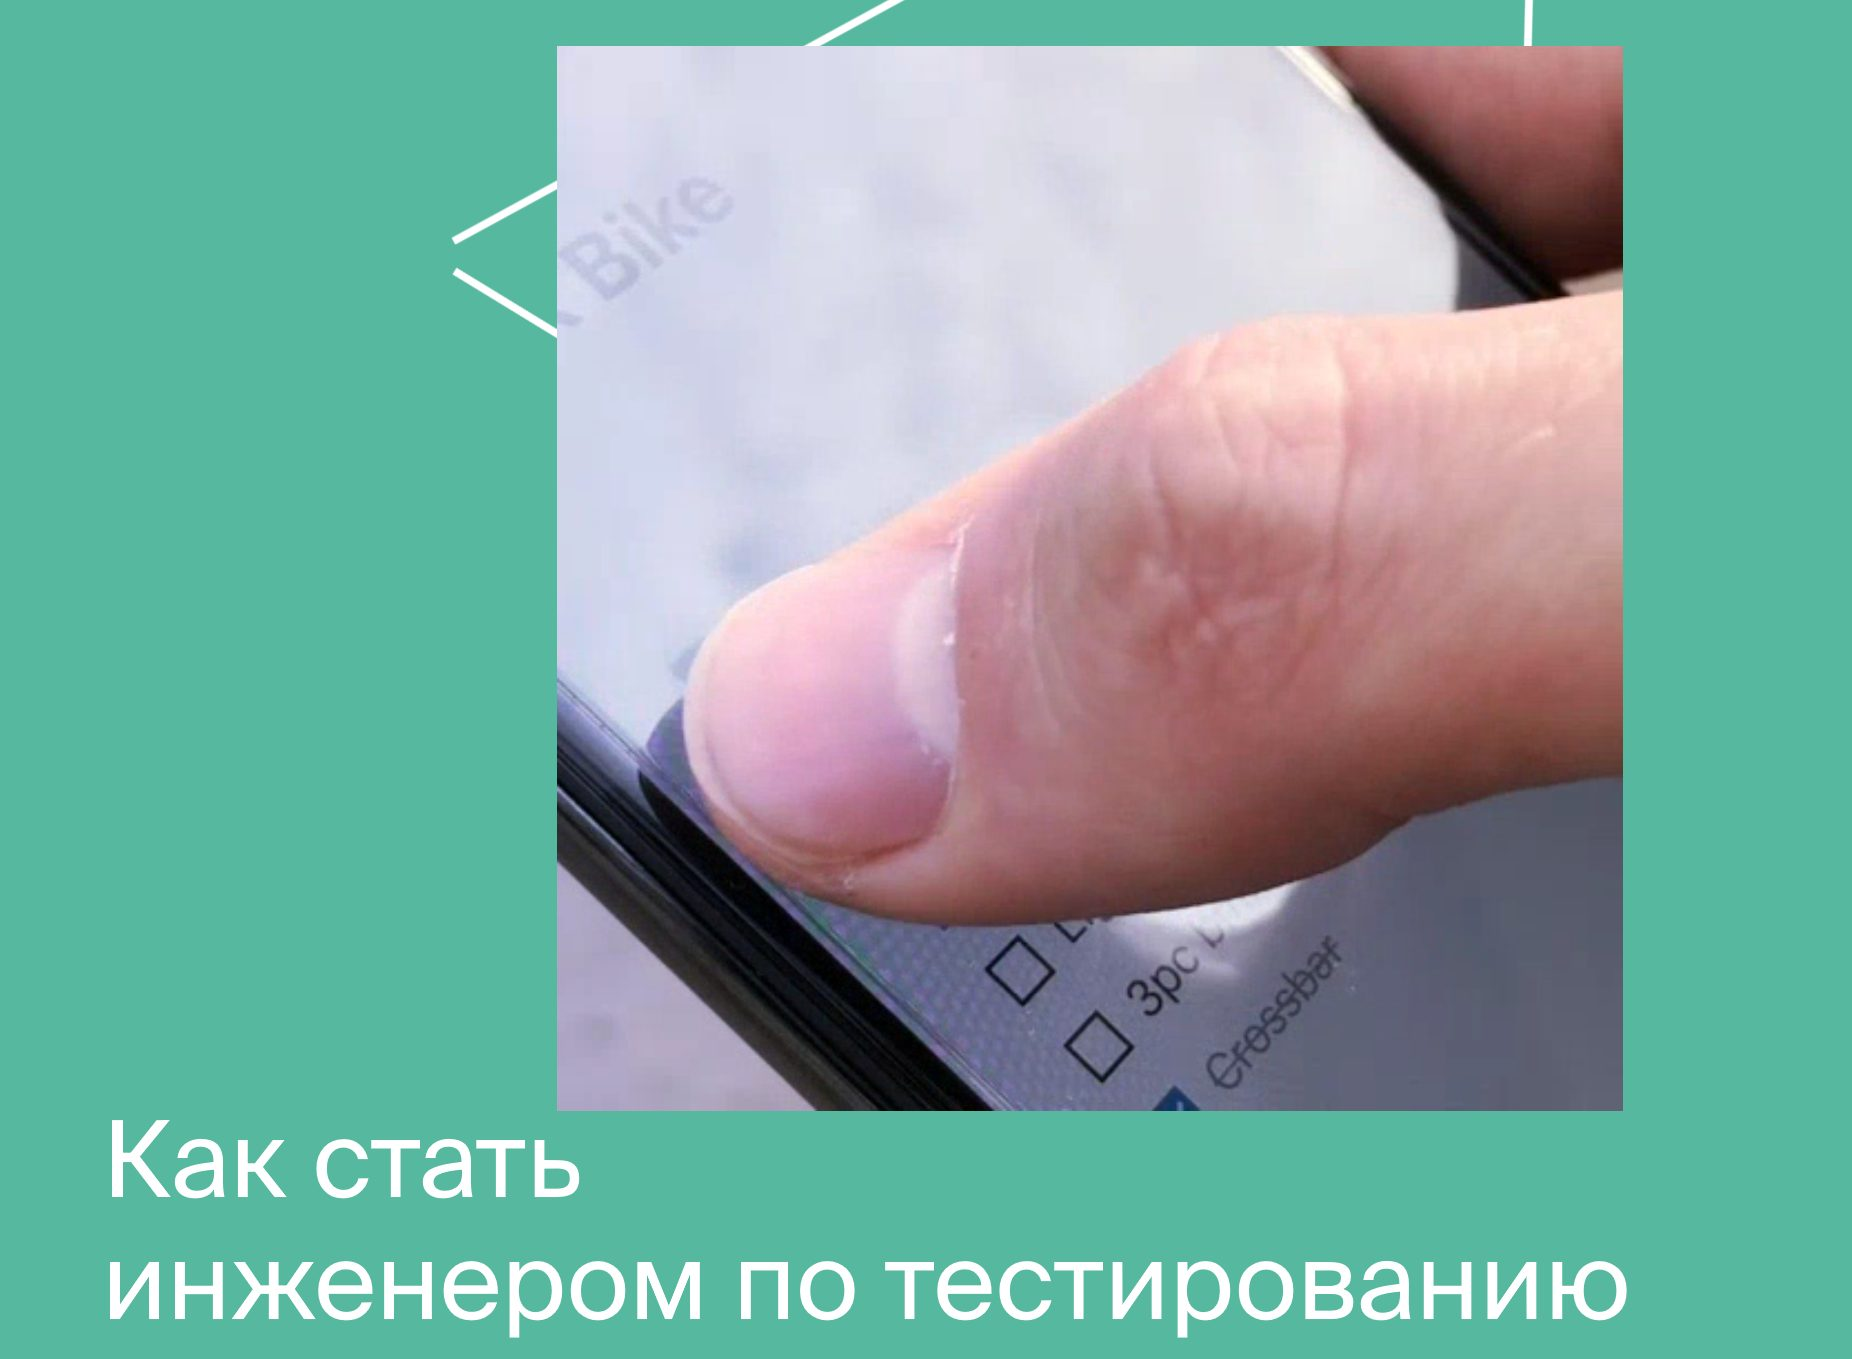 Яндекс практикум. Как стать инженером по тестированию от Яндекс